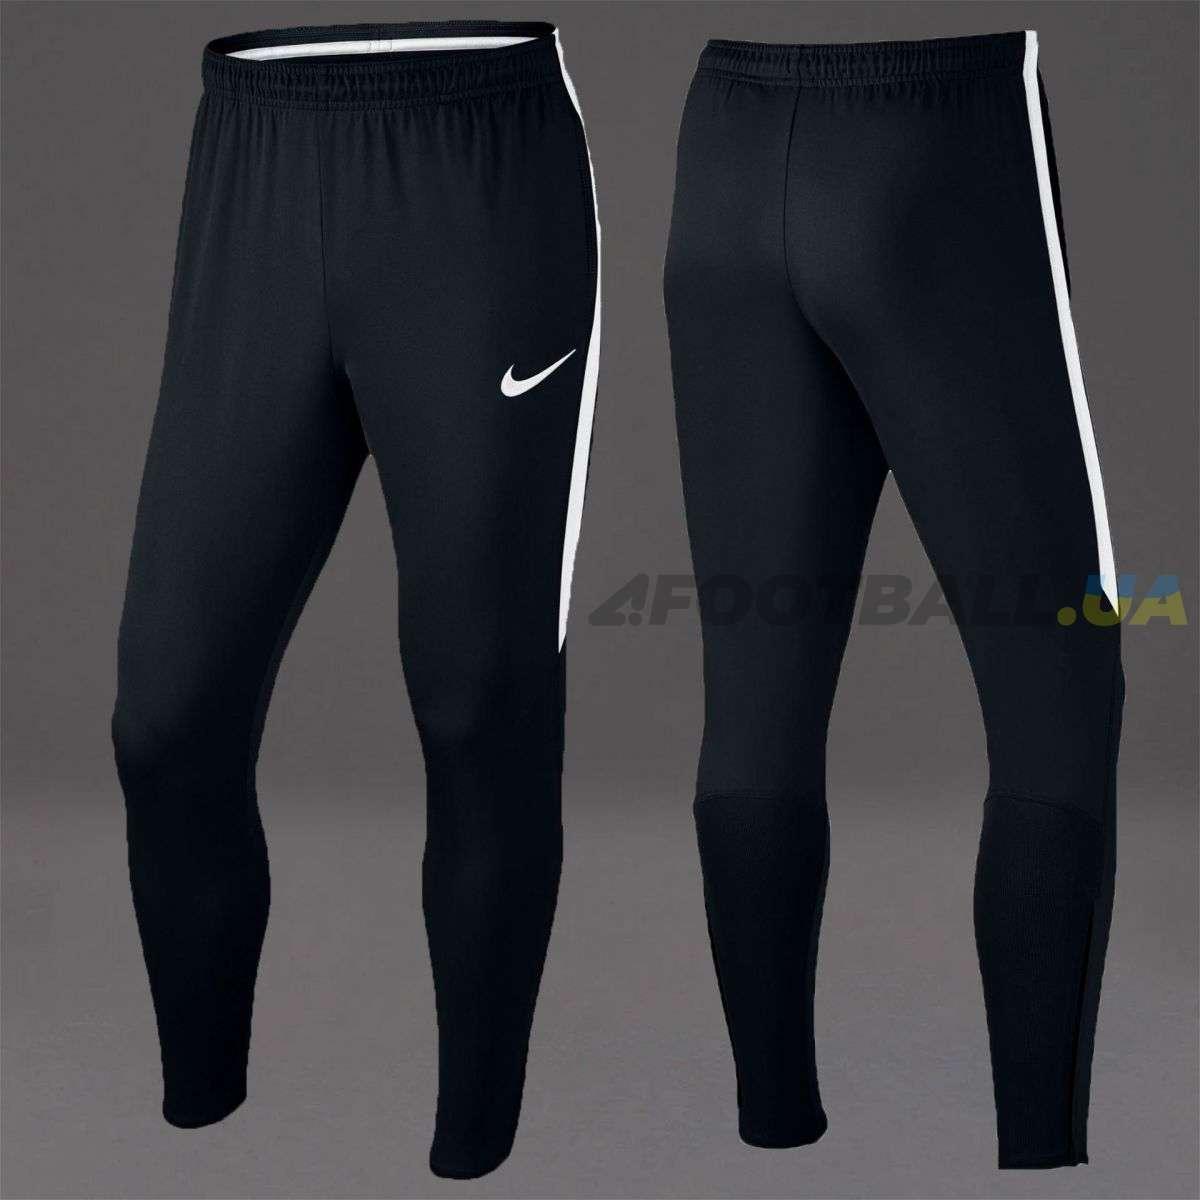 cc5f1939 Футбольные спортивные штаны Nike SQD 818653-010 купить на 4football ...